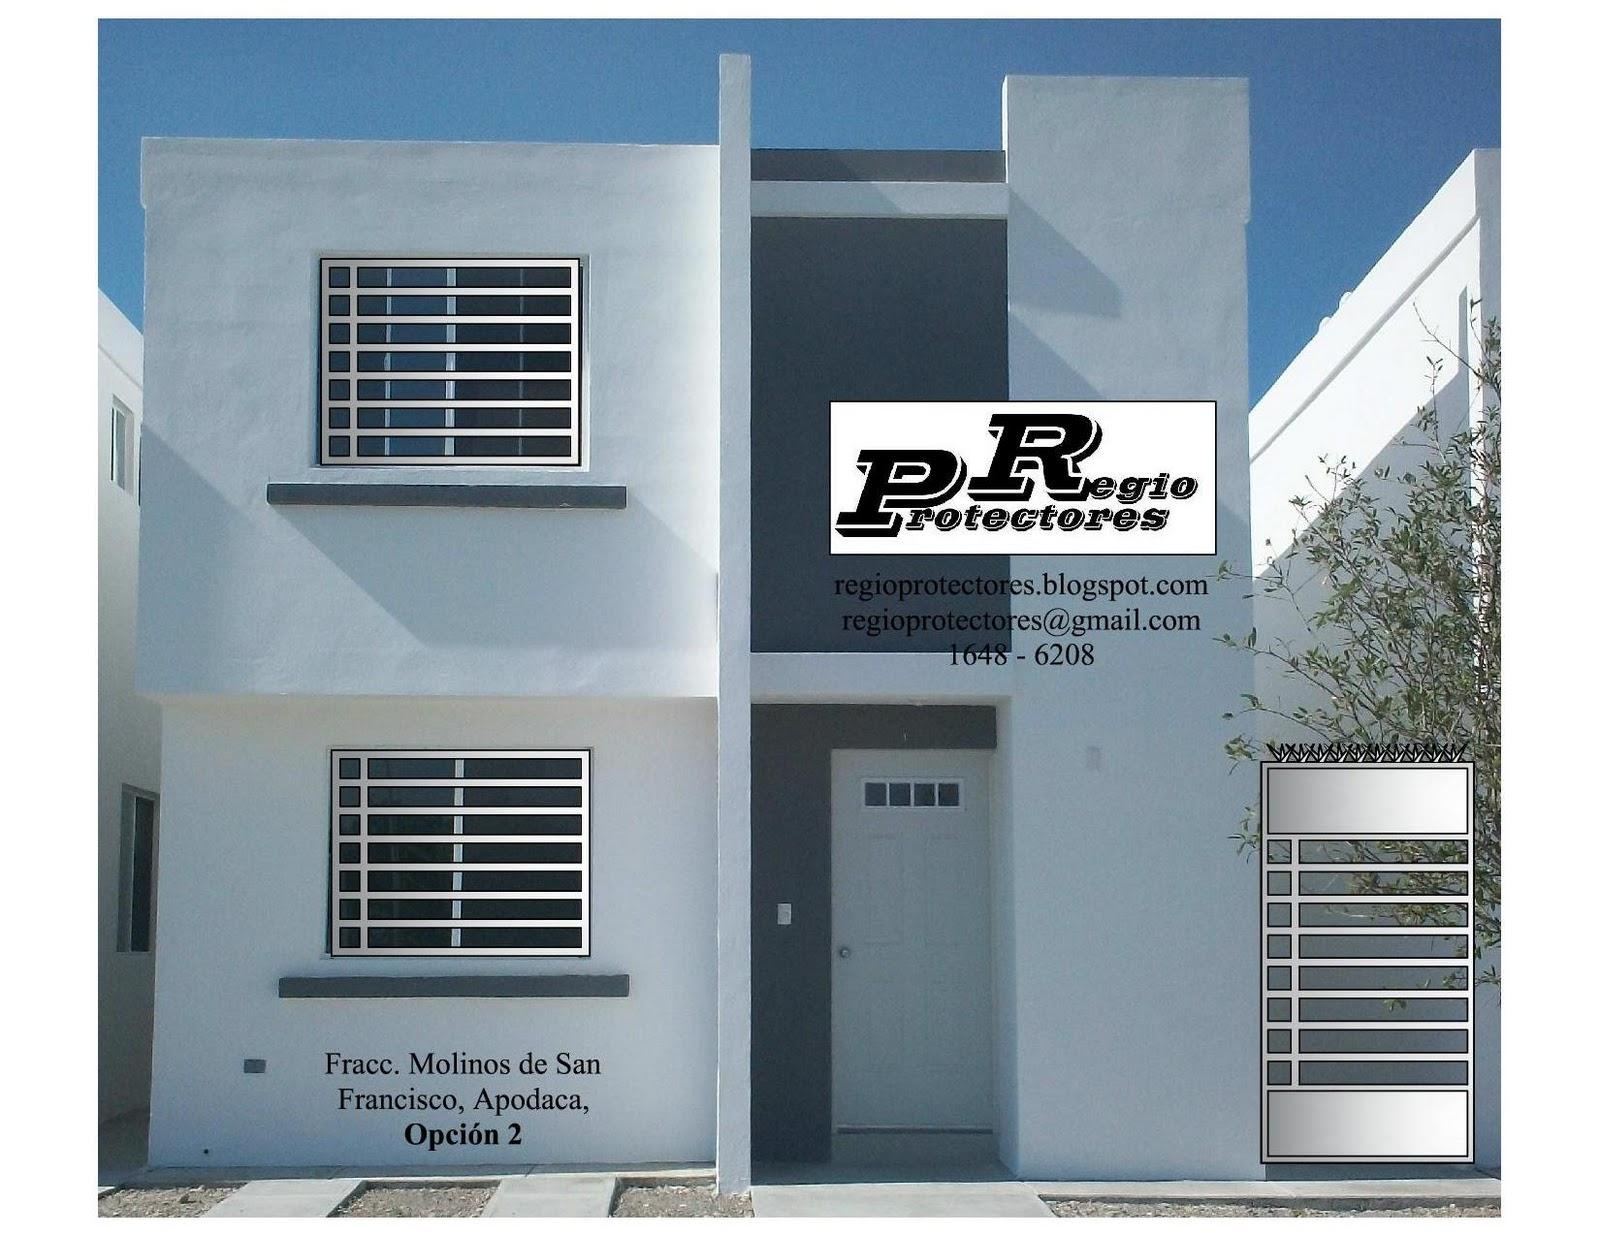 foto montaje de protectores para ventanas y puertas fracc molinos de